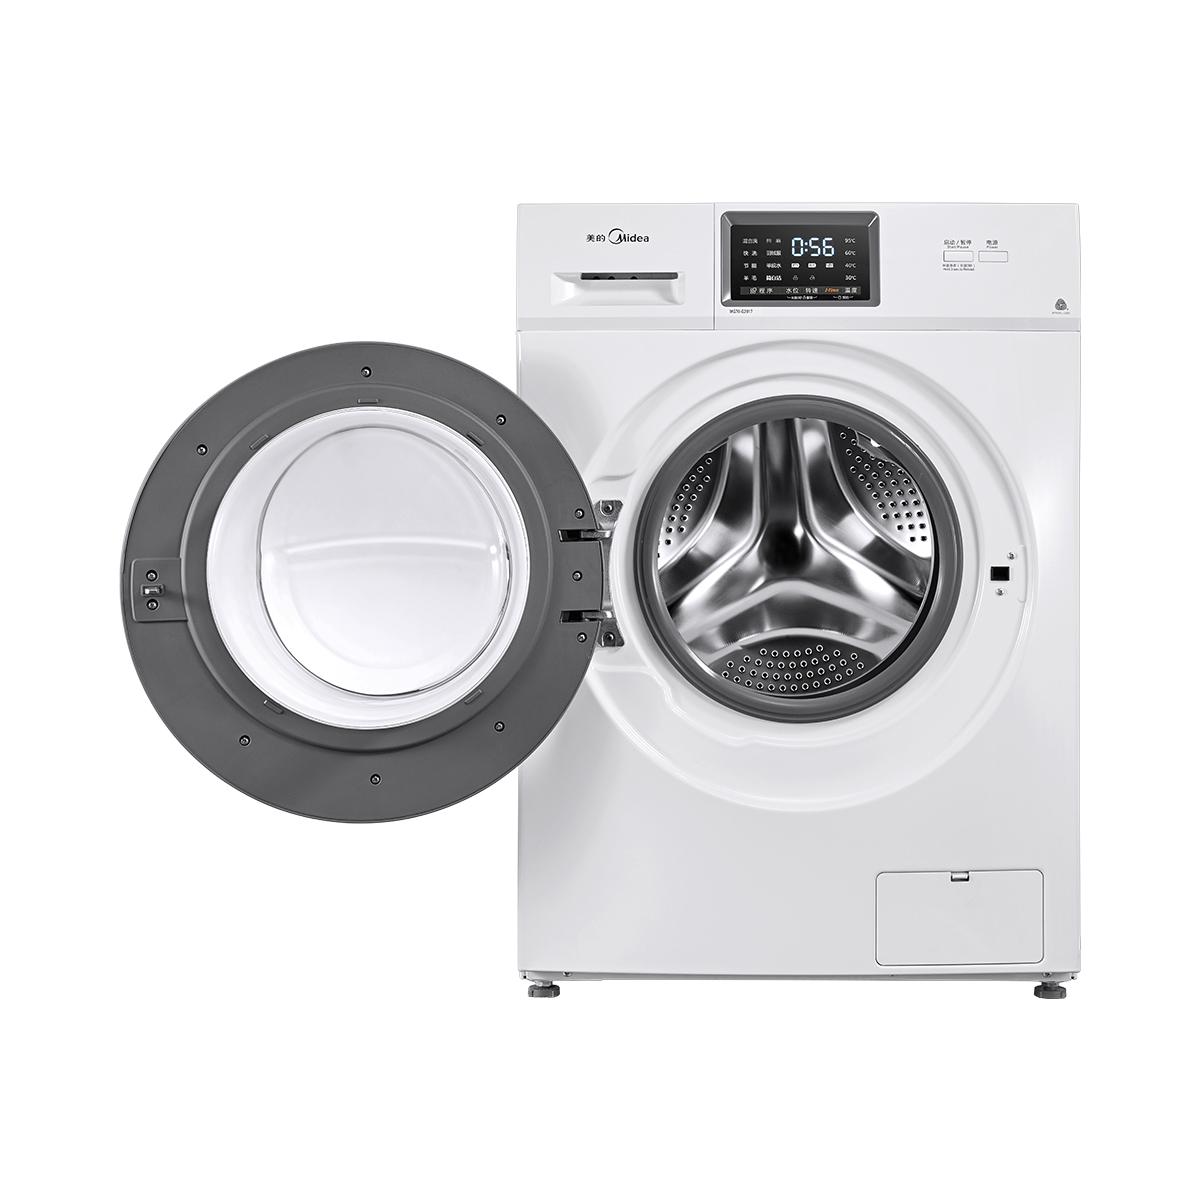 Midea/美的 MG70-G2017洗衣机 说明书.pdf